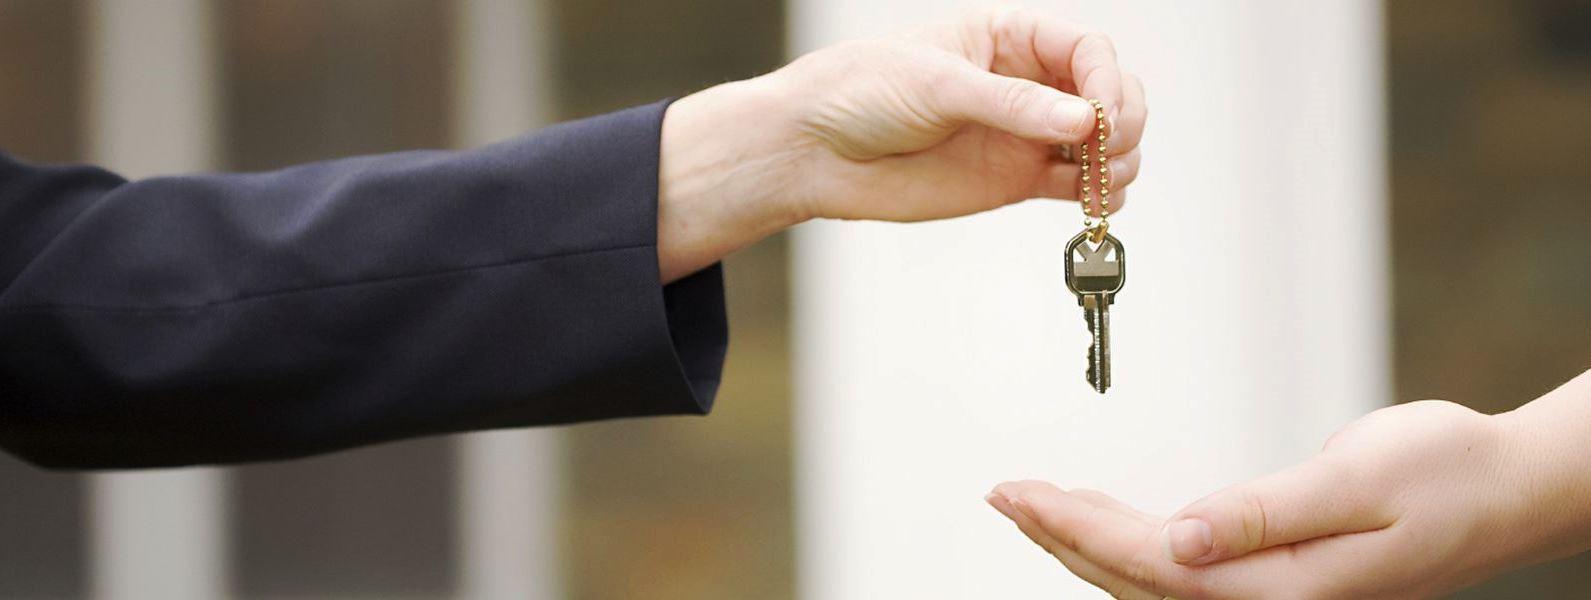 O Método de Comparação determina o presumível valor de mercado do imóvel por comparação dos preços conhecidos de outros imóveis semelhantes no mercado imobiliário, comprovados por transacções já realizadas.